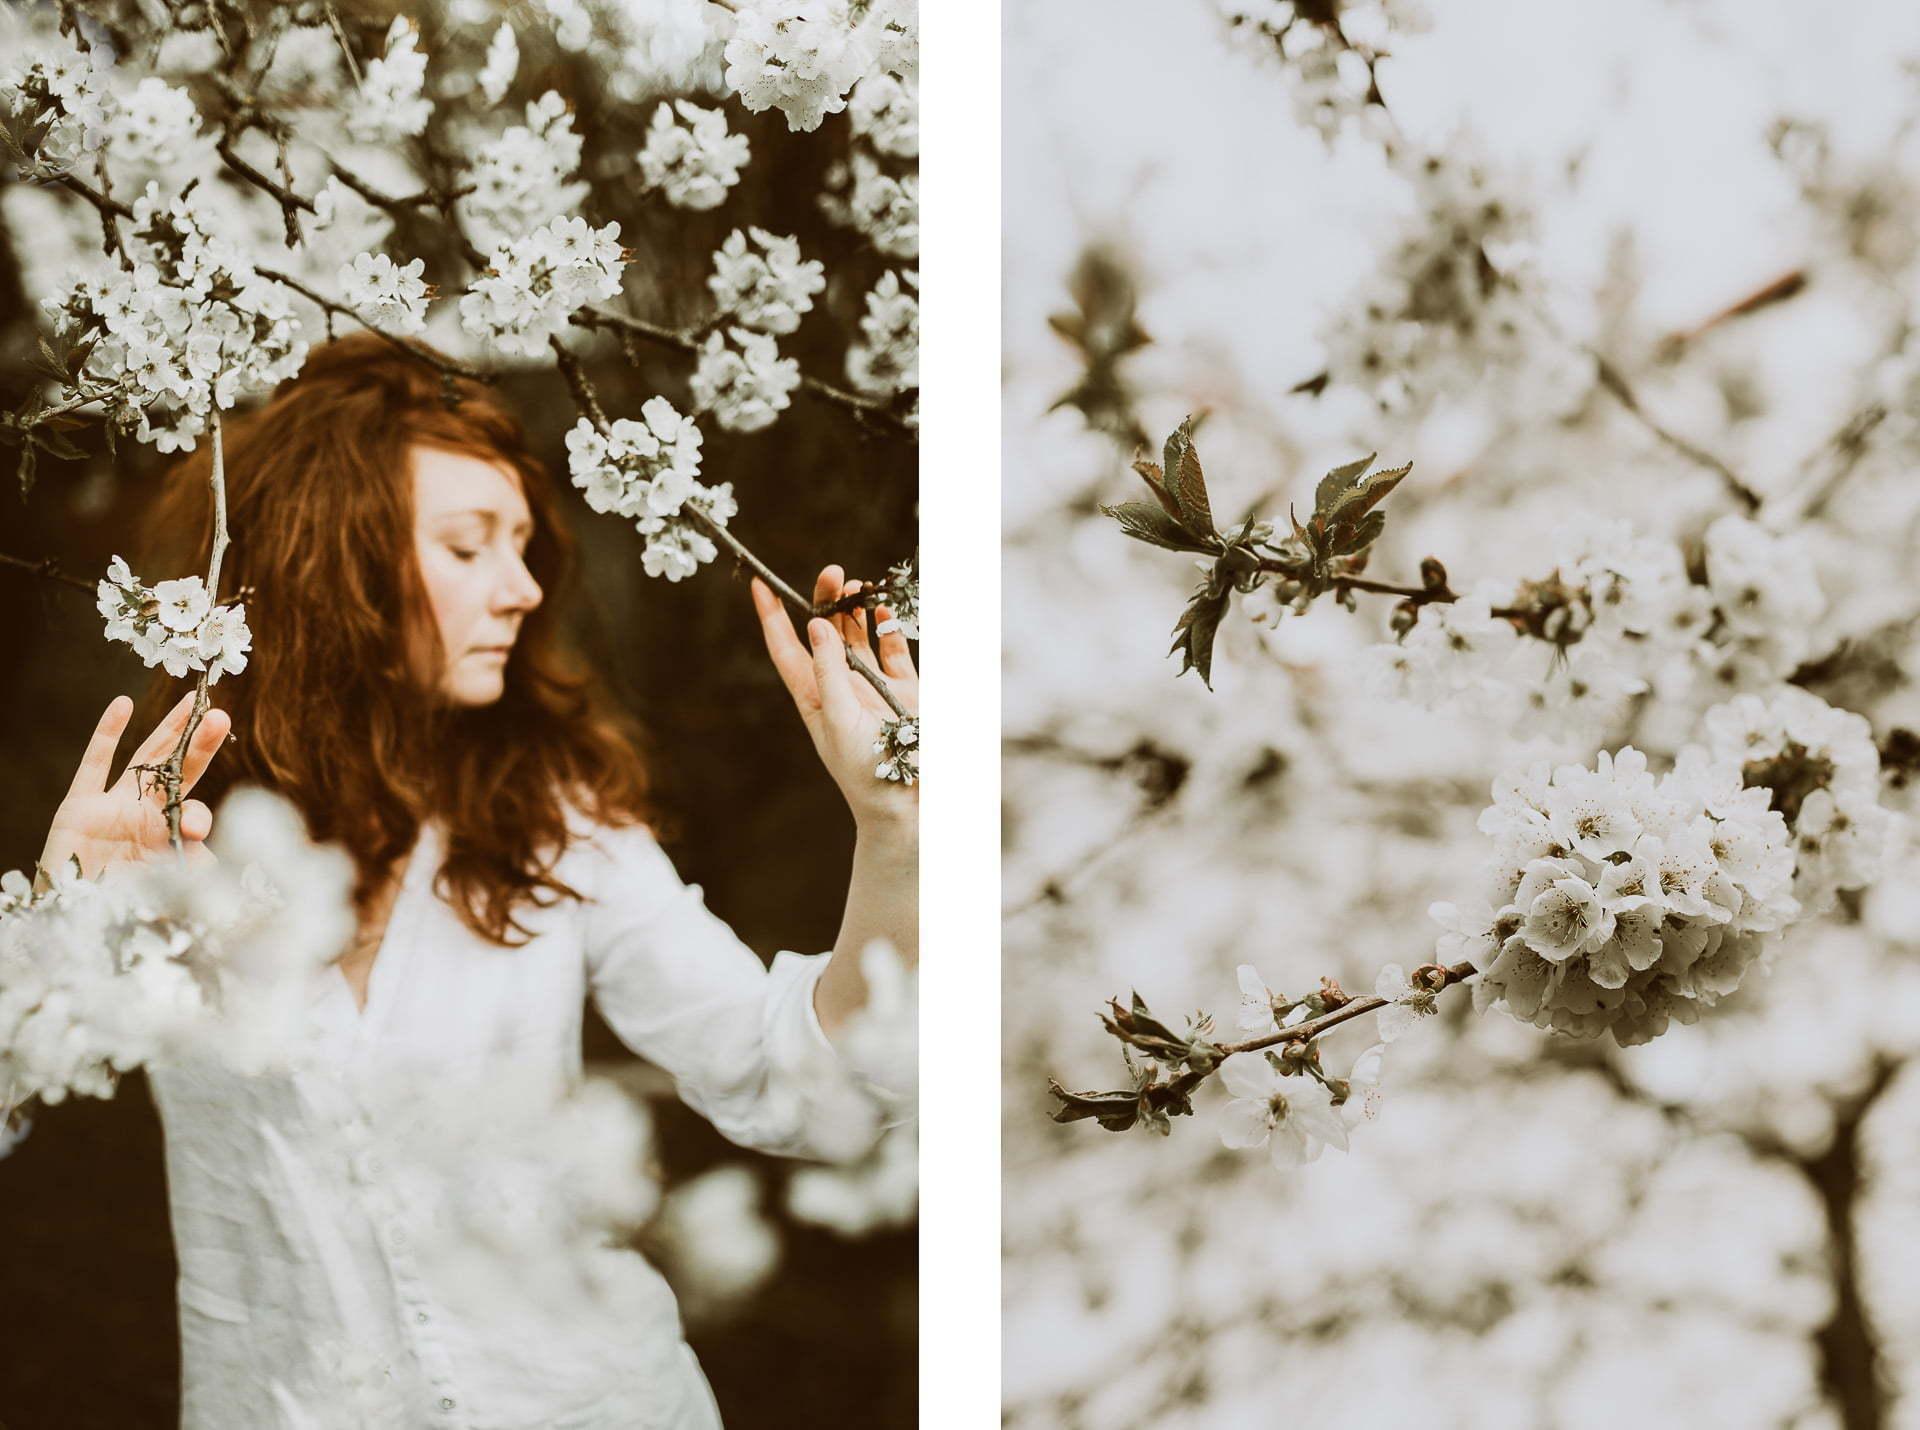 Wiosenne zdjęcia - portret wkwiatach